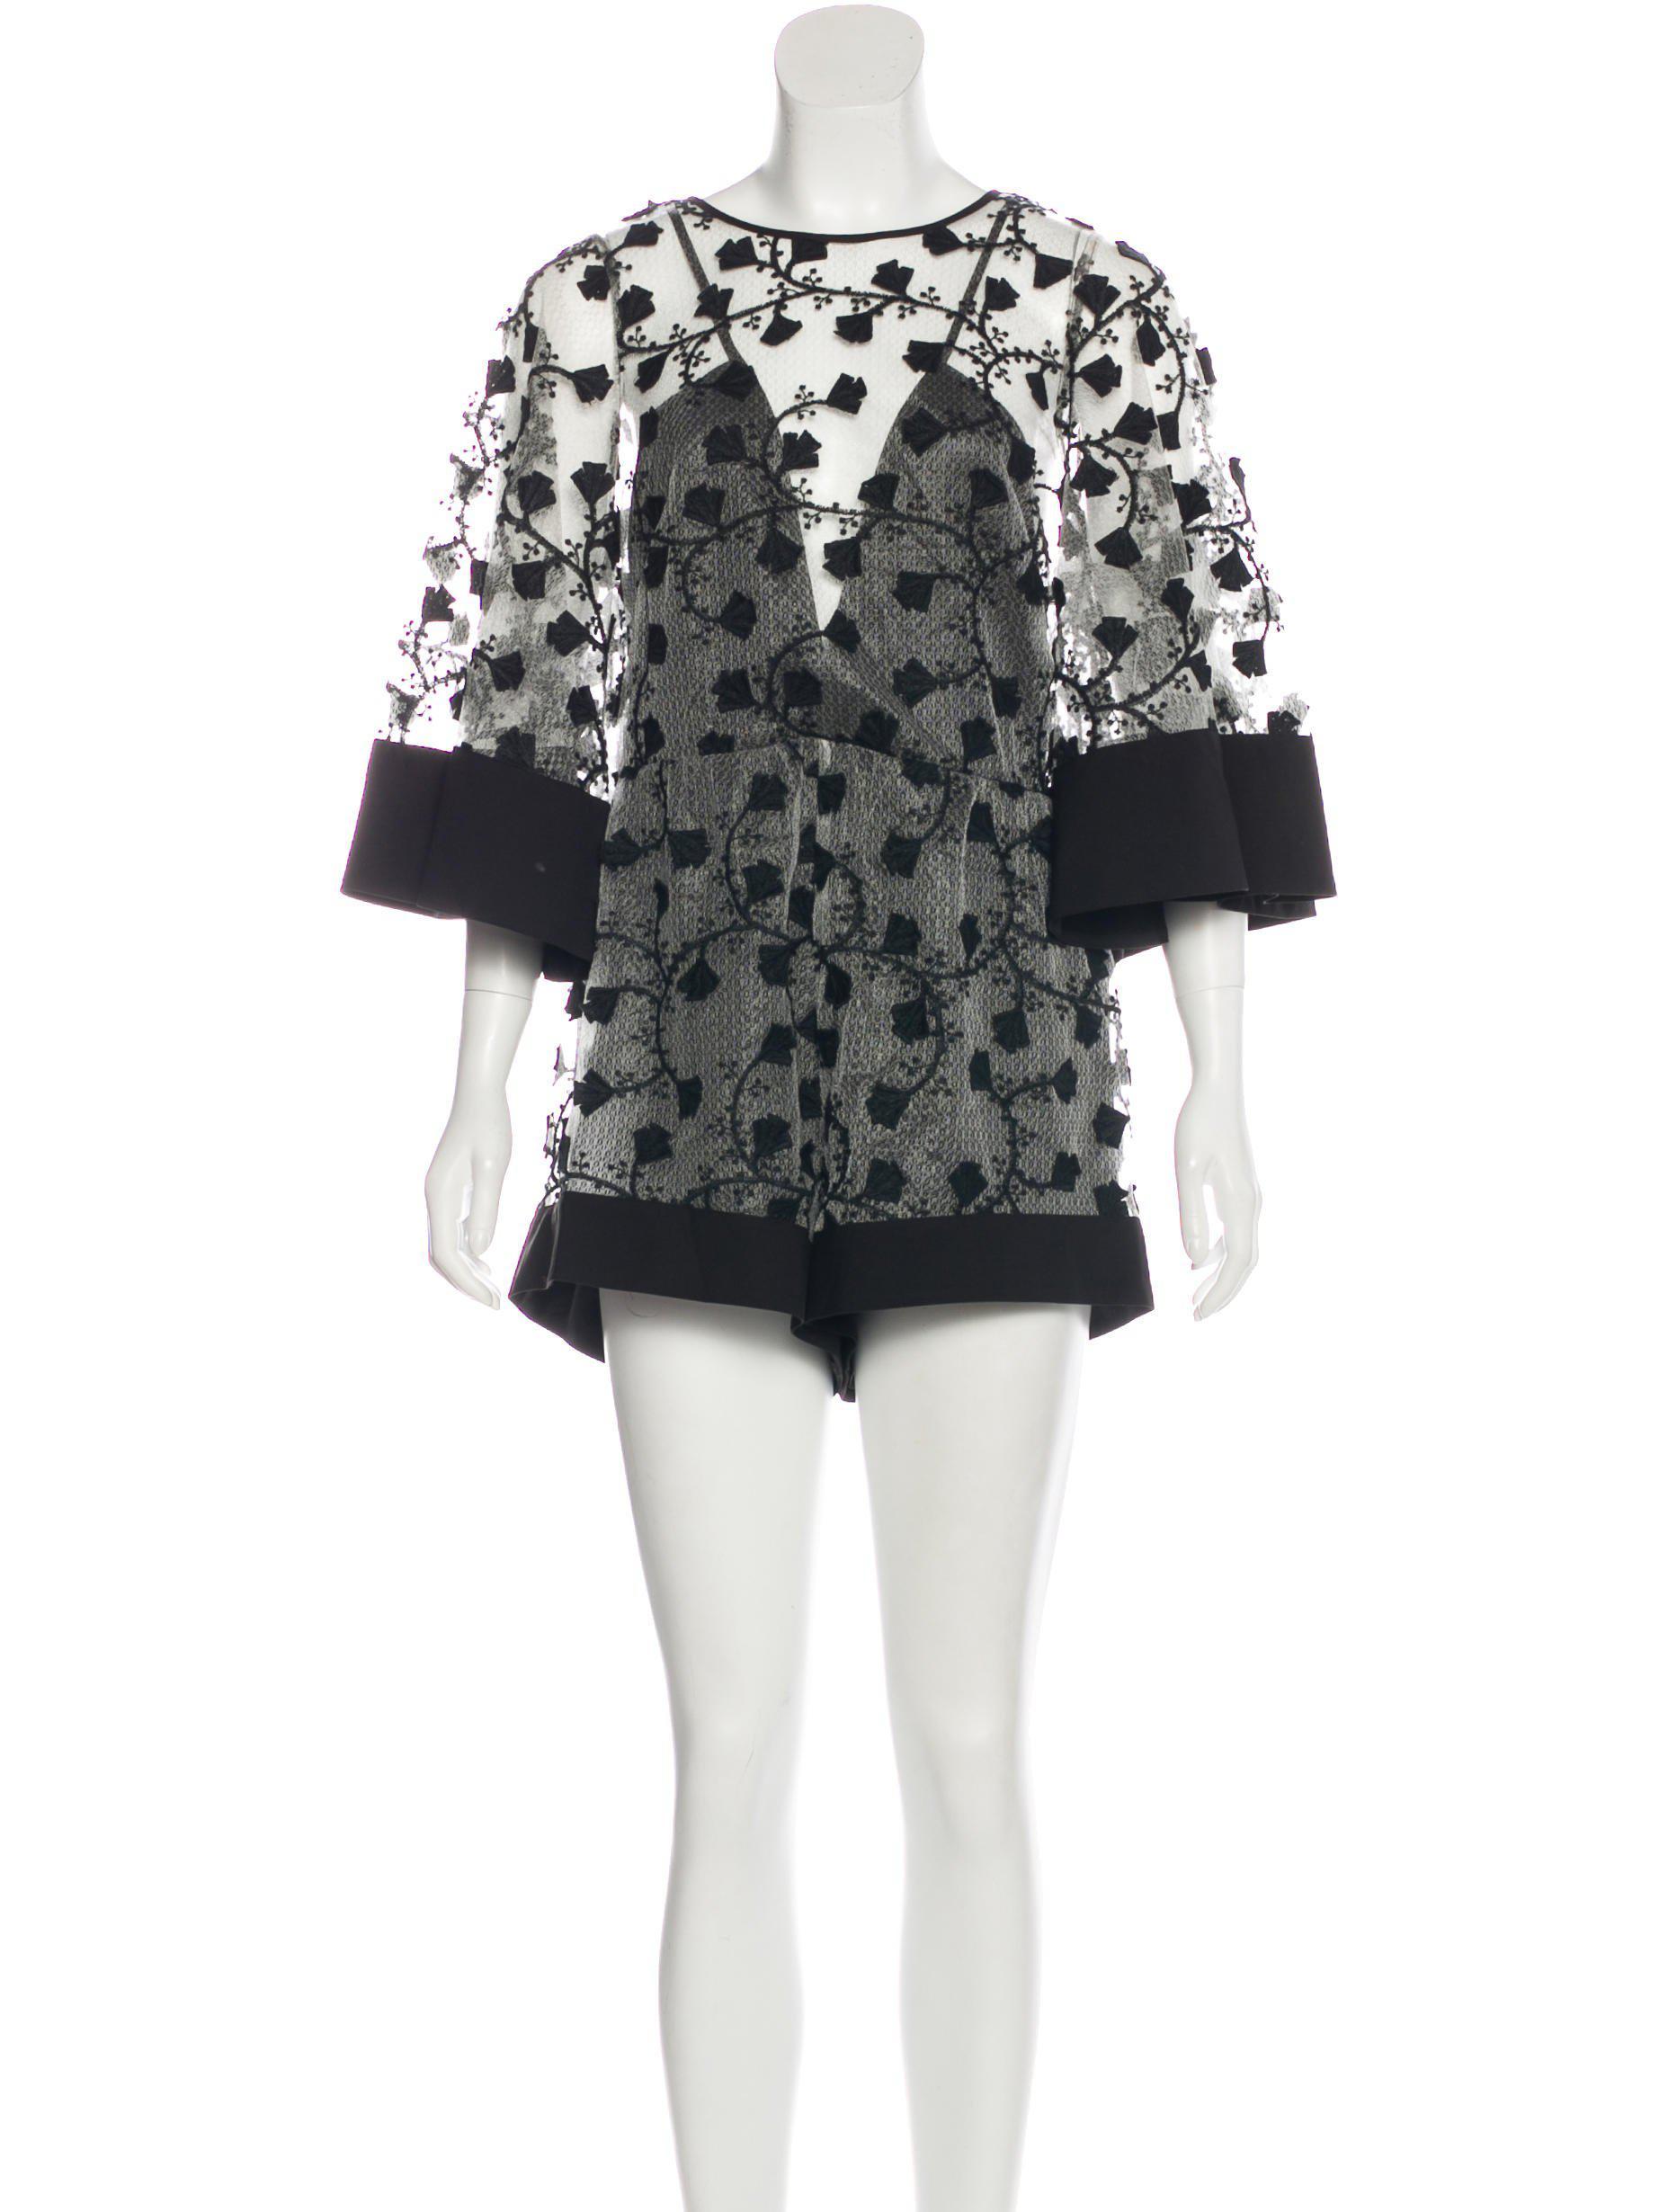 f7155b58cc2 Lyst - Alice Mccall Gypsy Lace Romper W  Tags in Black